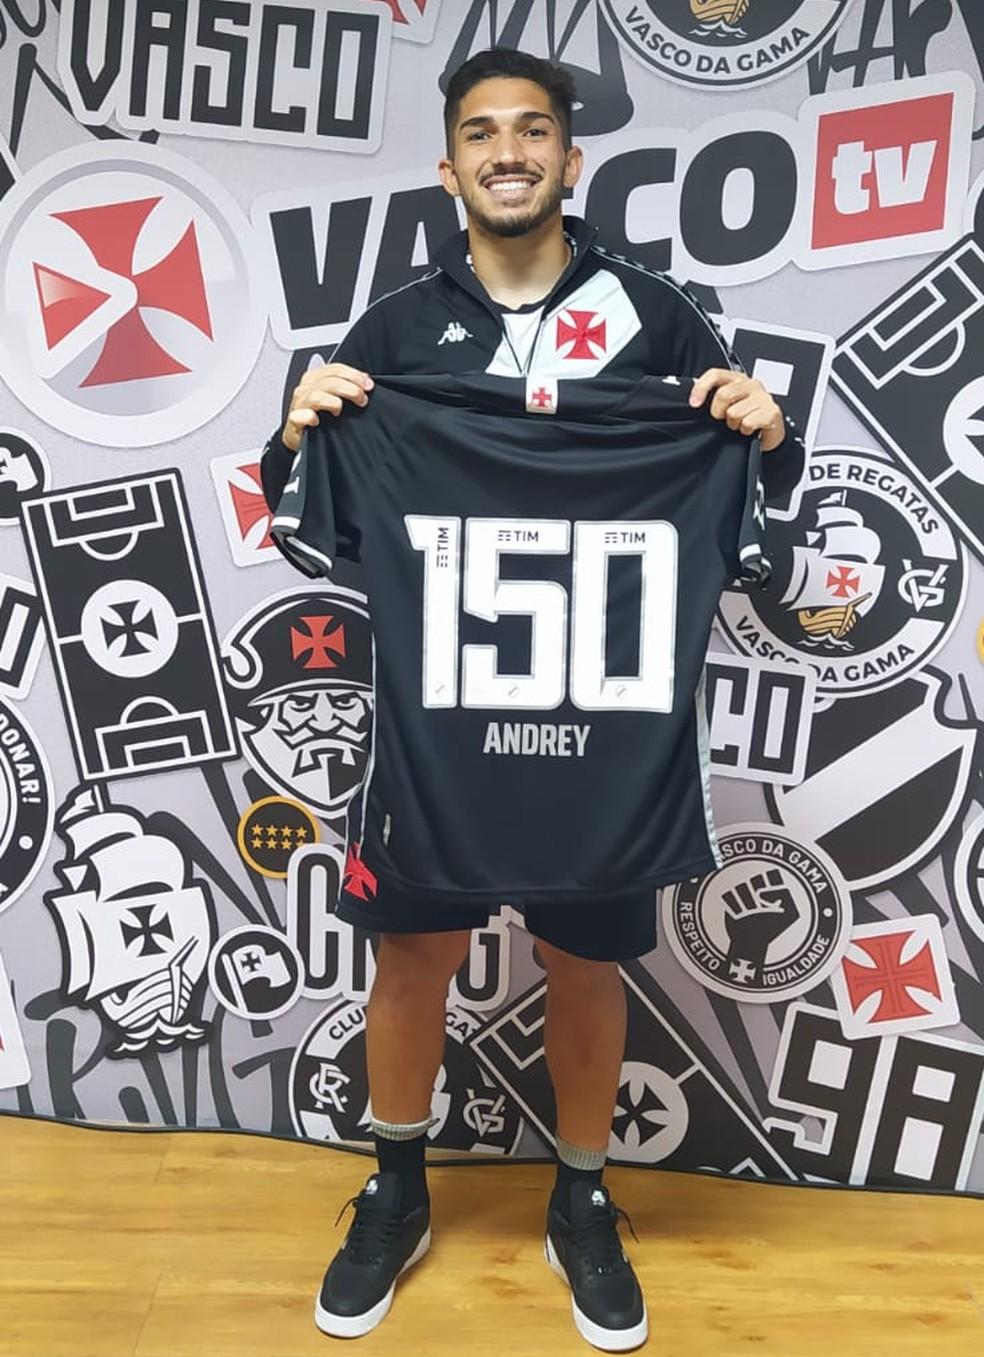 Andrey completou 150 jogos pelo Vasco — Foto: Carlos Gregório Jr. / Vasco